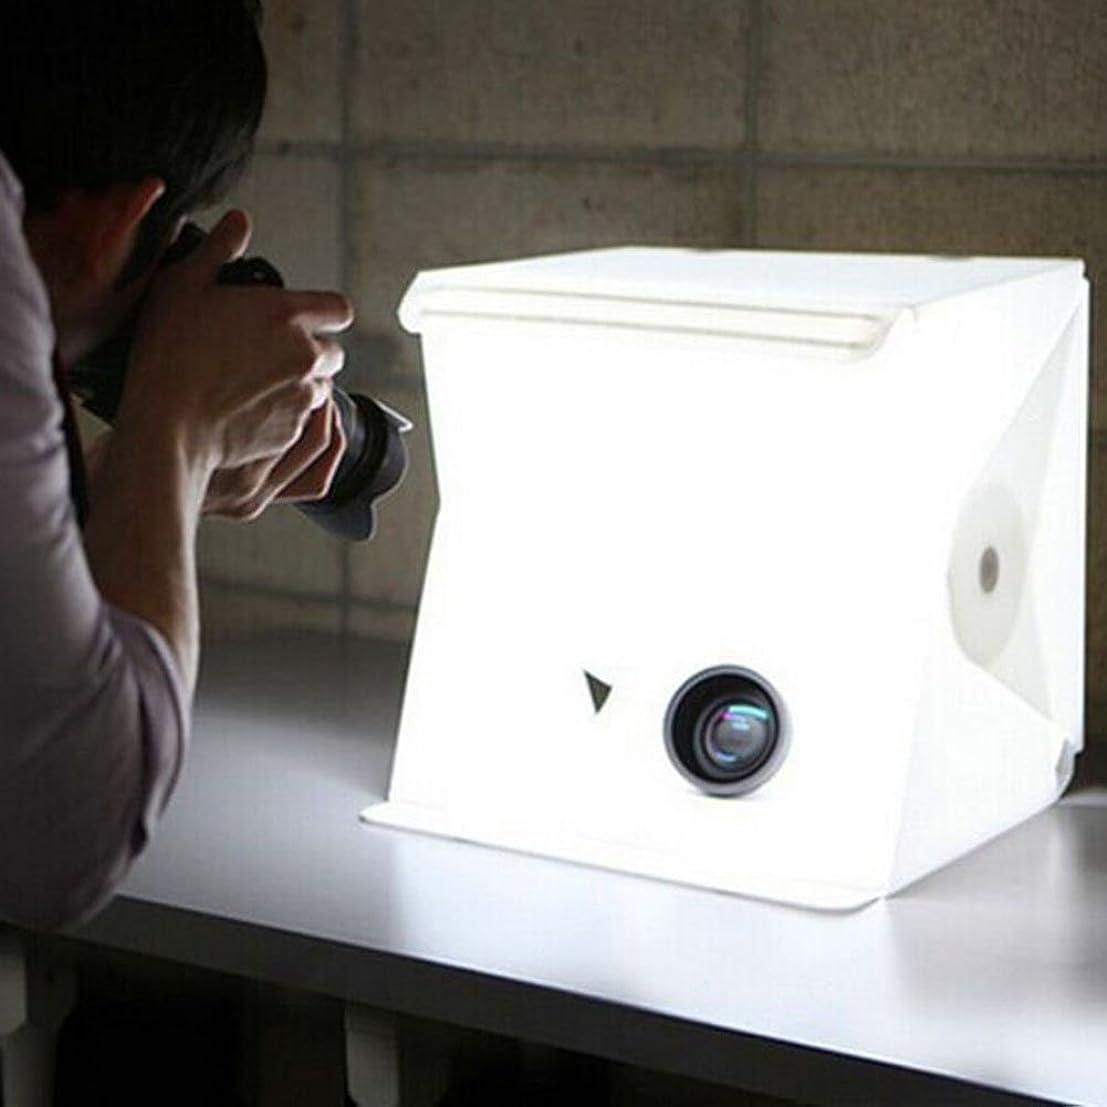 ニックネーム会社活気づけるInnens 「三代目」ミニ撮影ボックス 簡易スタジオ 撮影ボックス10モード 40個LED電球 光り調整可能 写真撮影 持ち運び便利24*23*25cm携帯型 簡易スタジオ (アップグレード版)